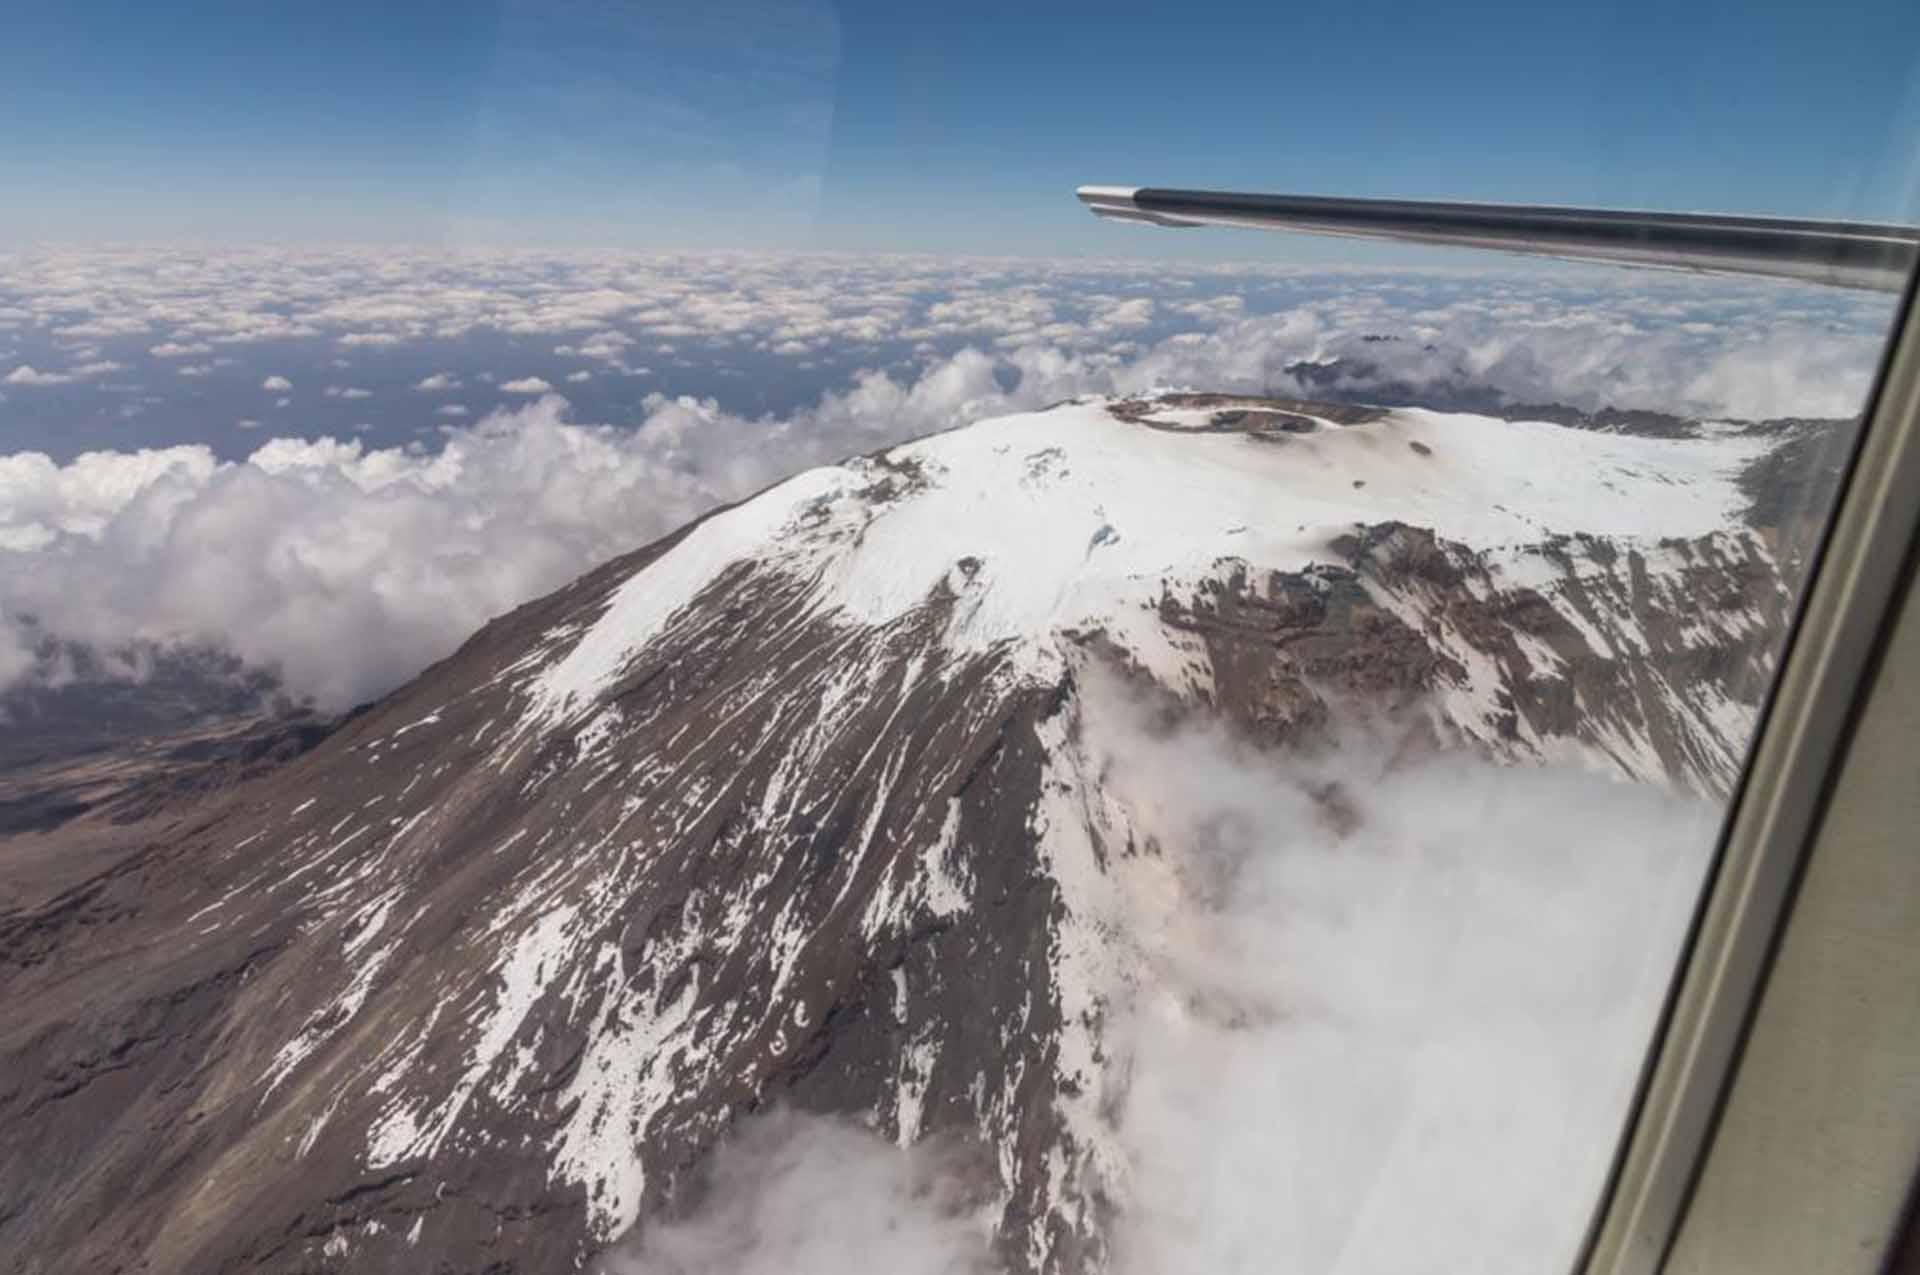 Mt Kilimanjaro Scenic Flight - Evening (17:00-18:00)